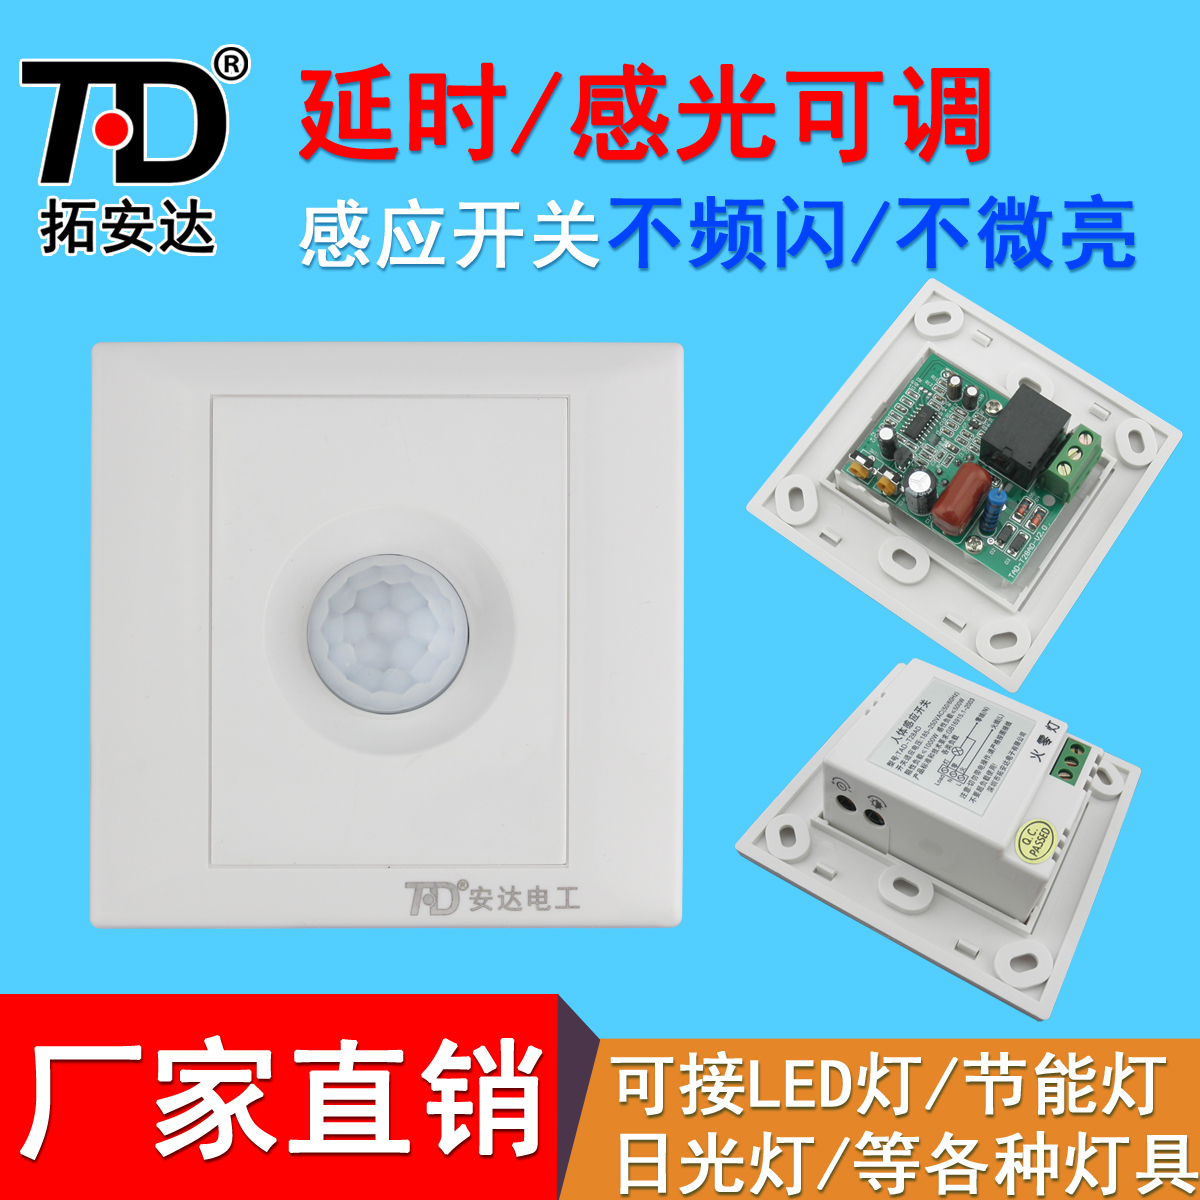 هيئة التعريفي التبديل 86 نوع 220 فولت ثلاثة أسلاك أجهزة استشعار الأشعة تحت الحمراء التبديل الجدار التبديل تأخير الوقت حساس قابل للتعديل